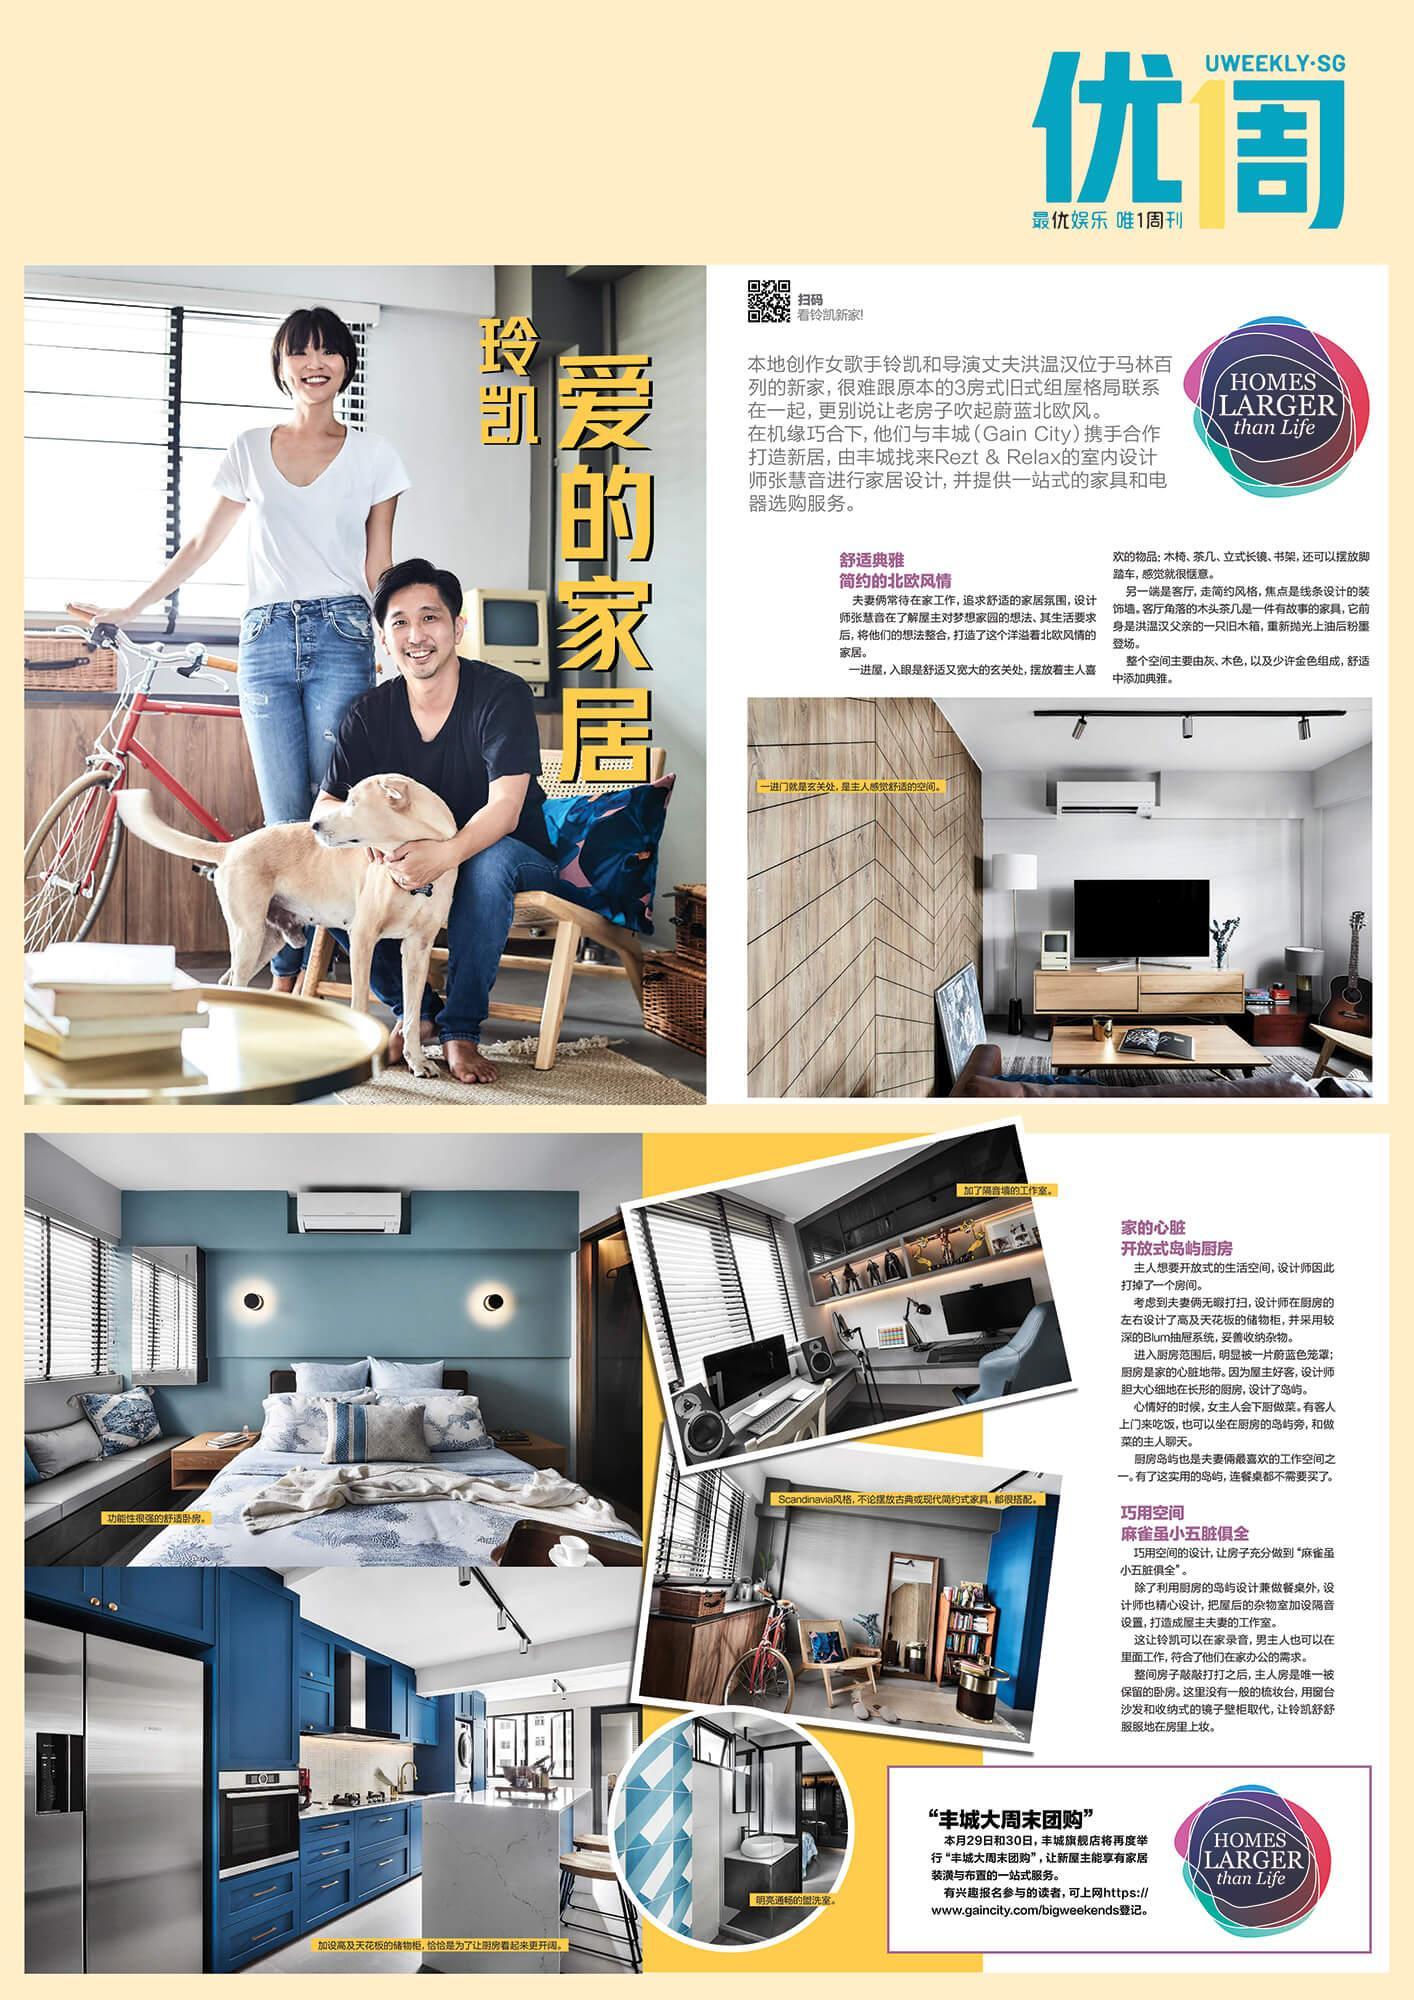 U-Weekly magazine